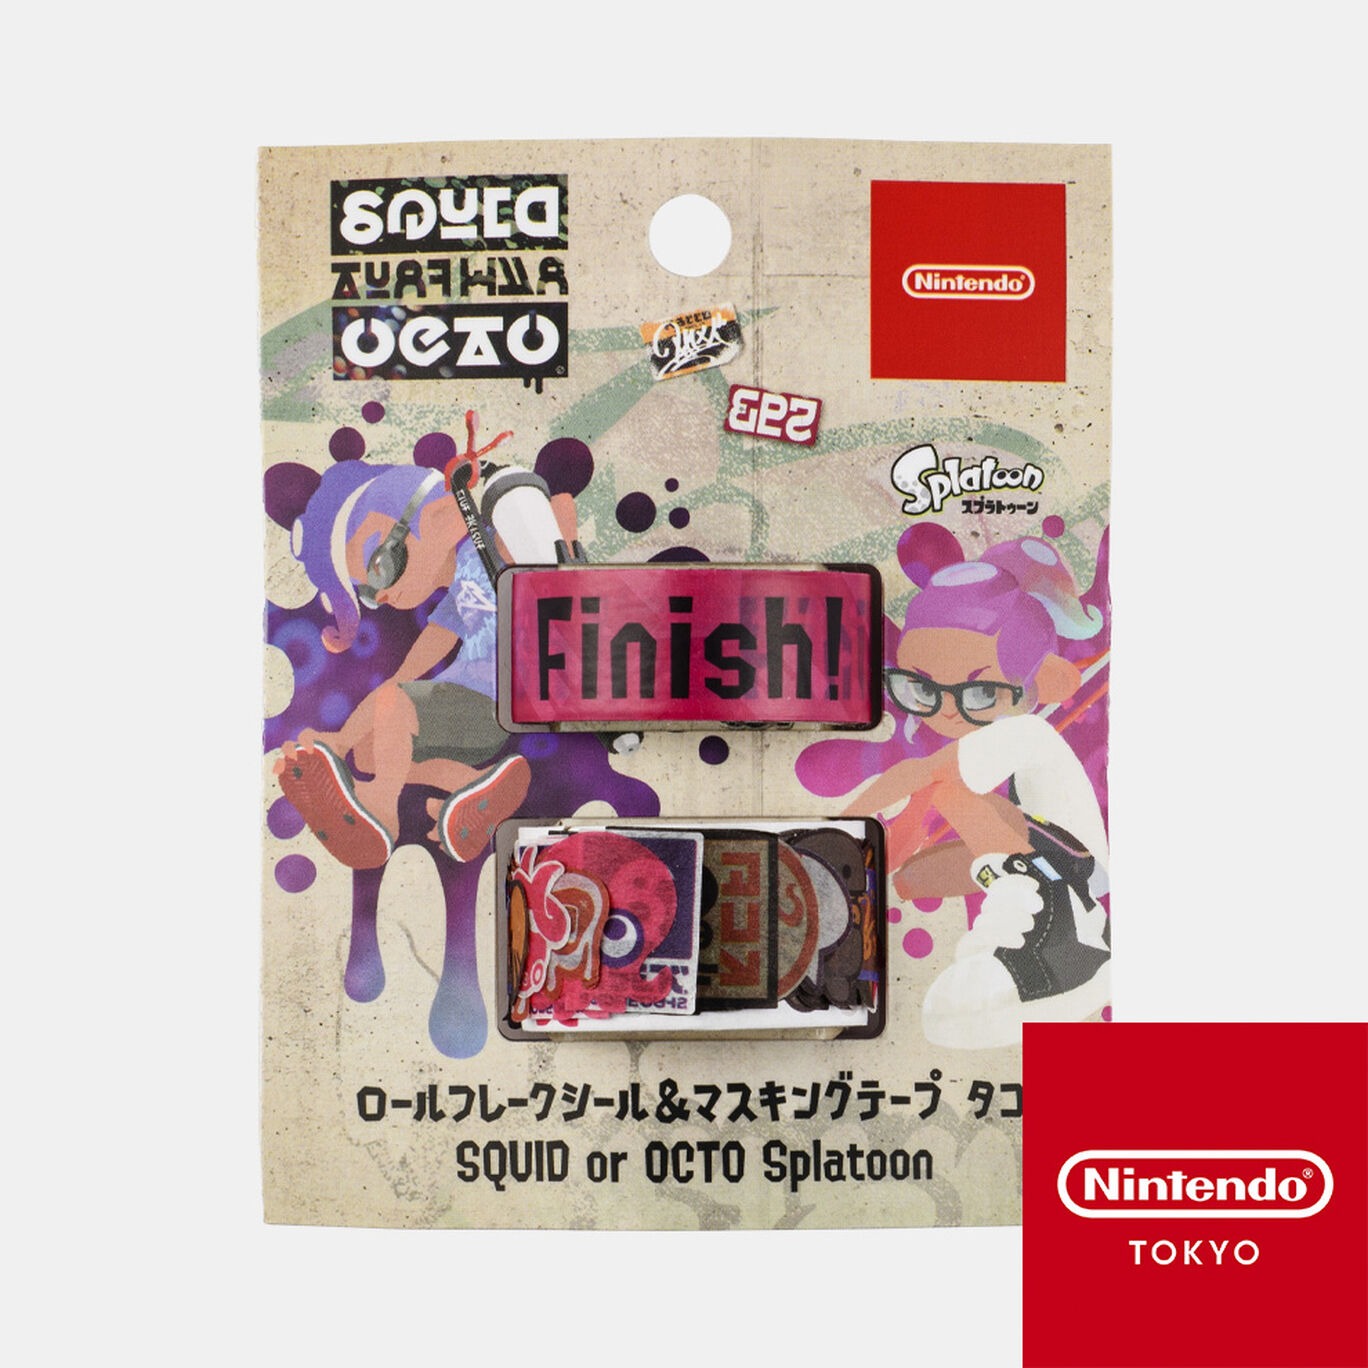 ロールフレークシール&マスキングテープ タコ SQUID or OCTO Splatoon【Nintendo TOKYO取り扱い商品】